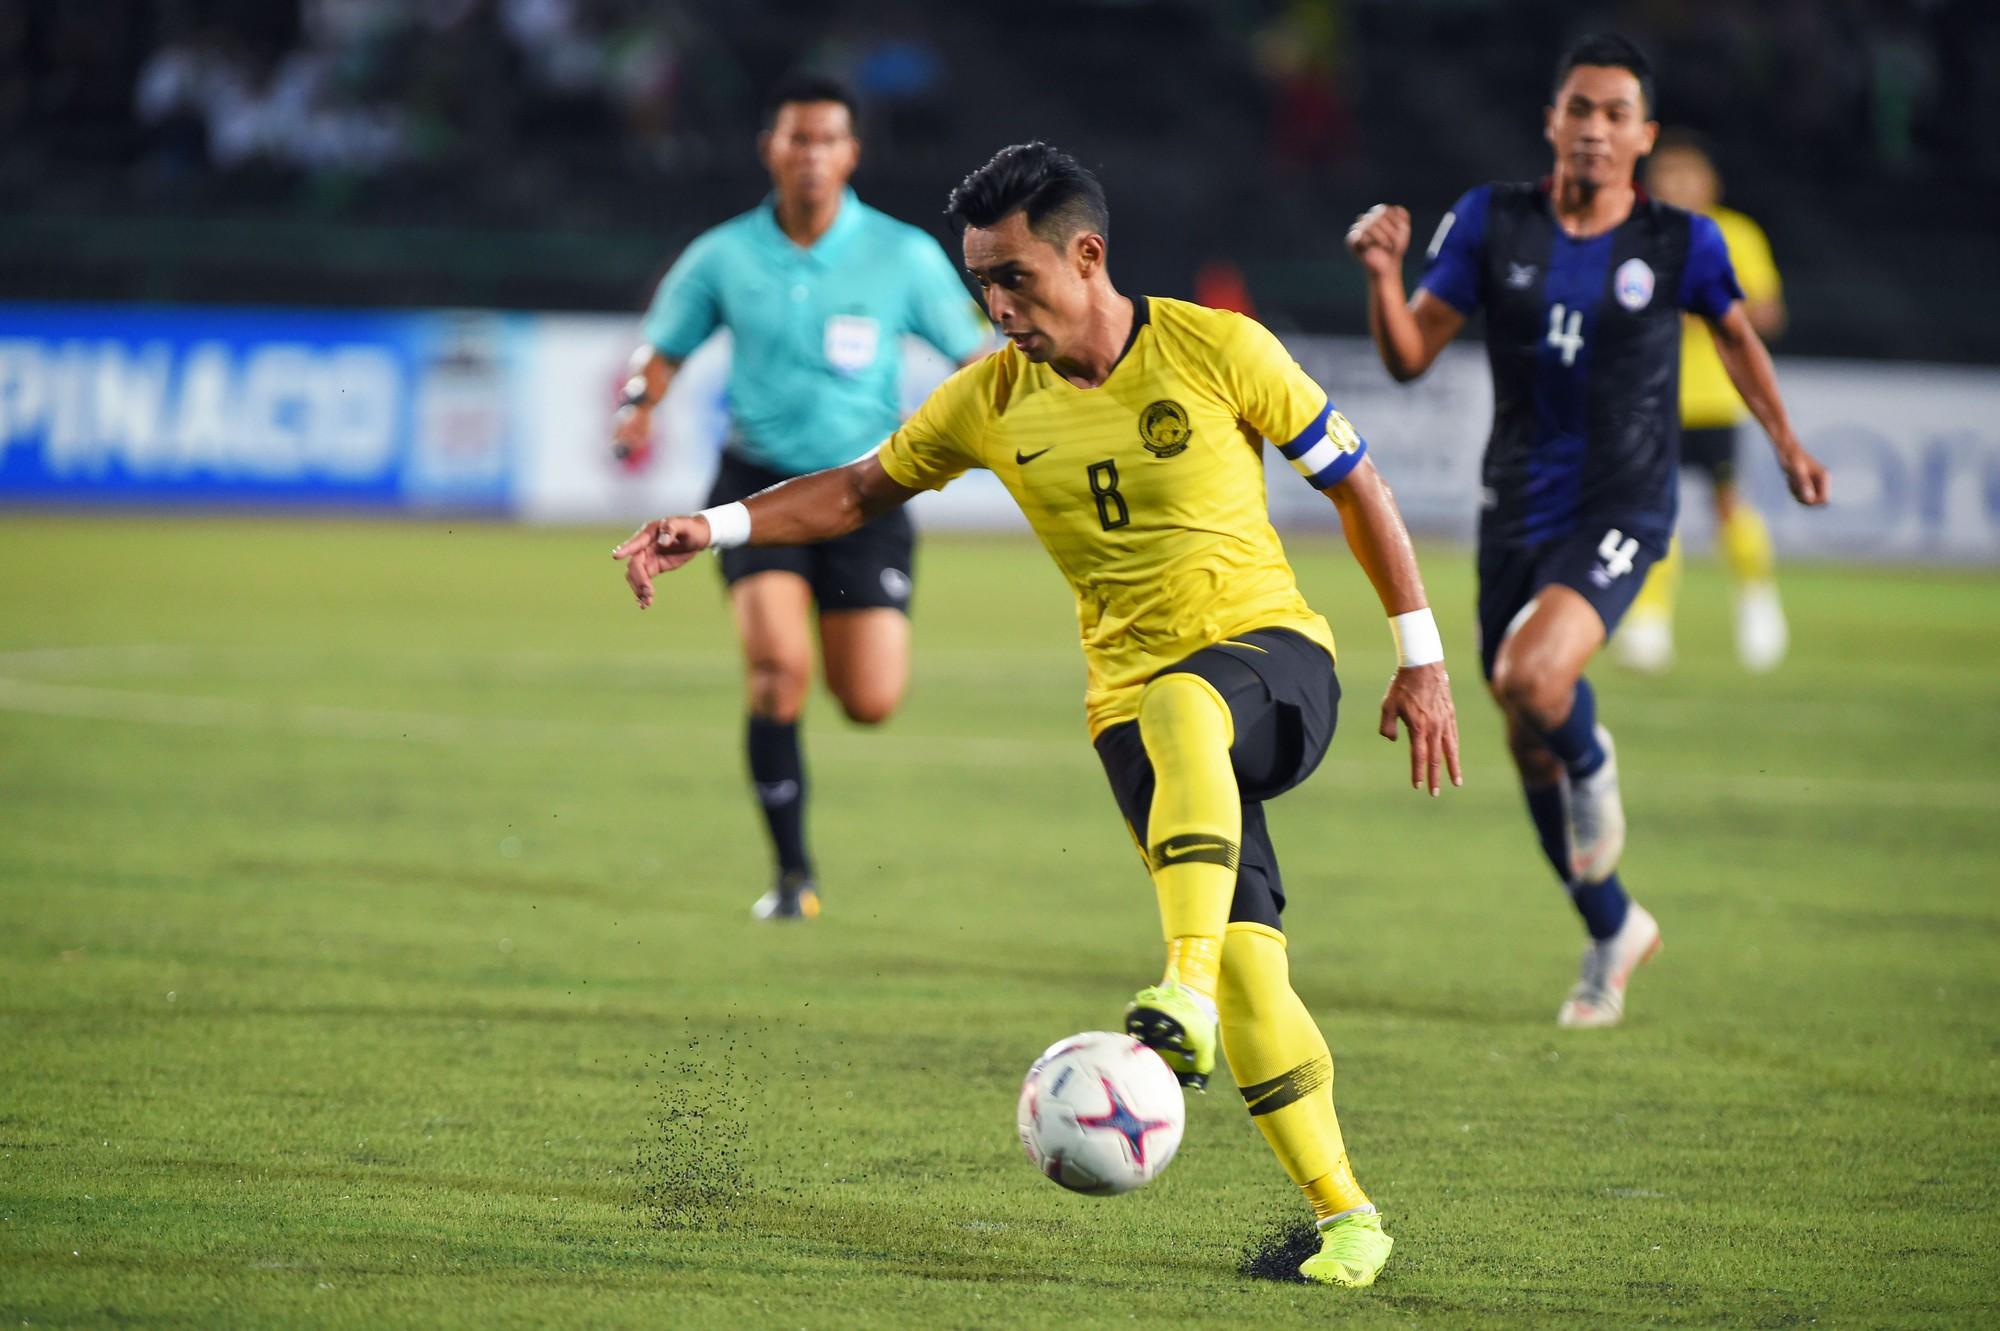 aff cup 2018 - photo 1 1542009040355999083810 - CĐV Malaysia từ chối mua áo của đội tuyển vì lý do ít ai ngờ